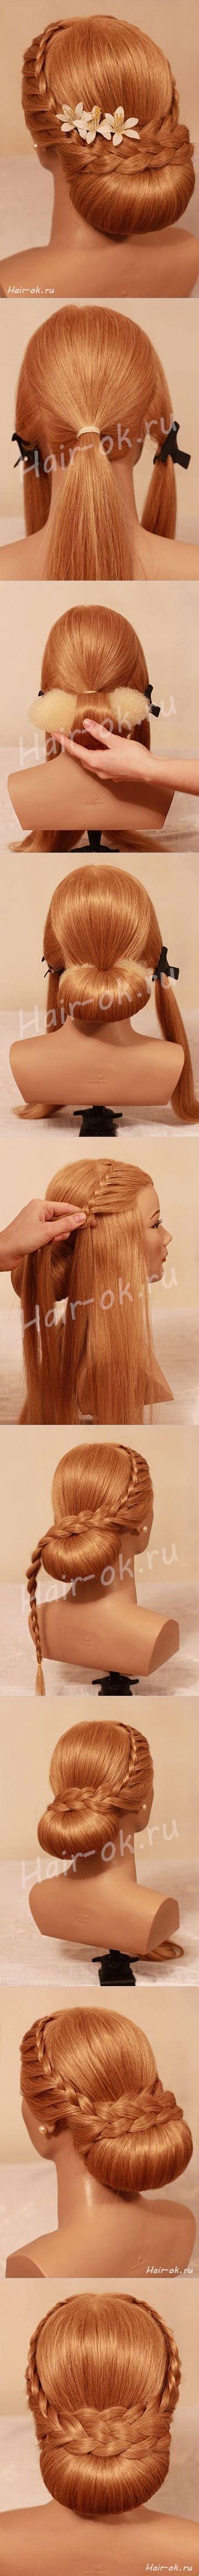 Man sieht einfach sofort, dass es keine echten Haare sind?!